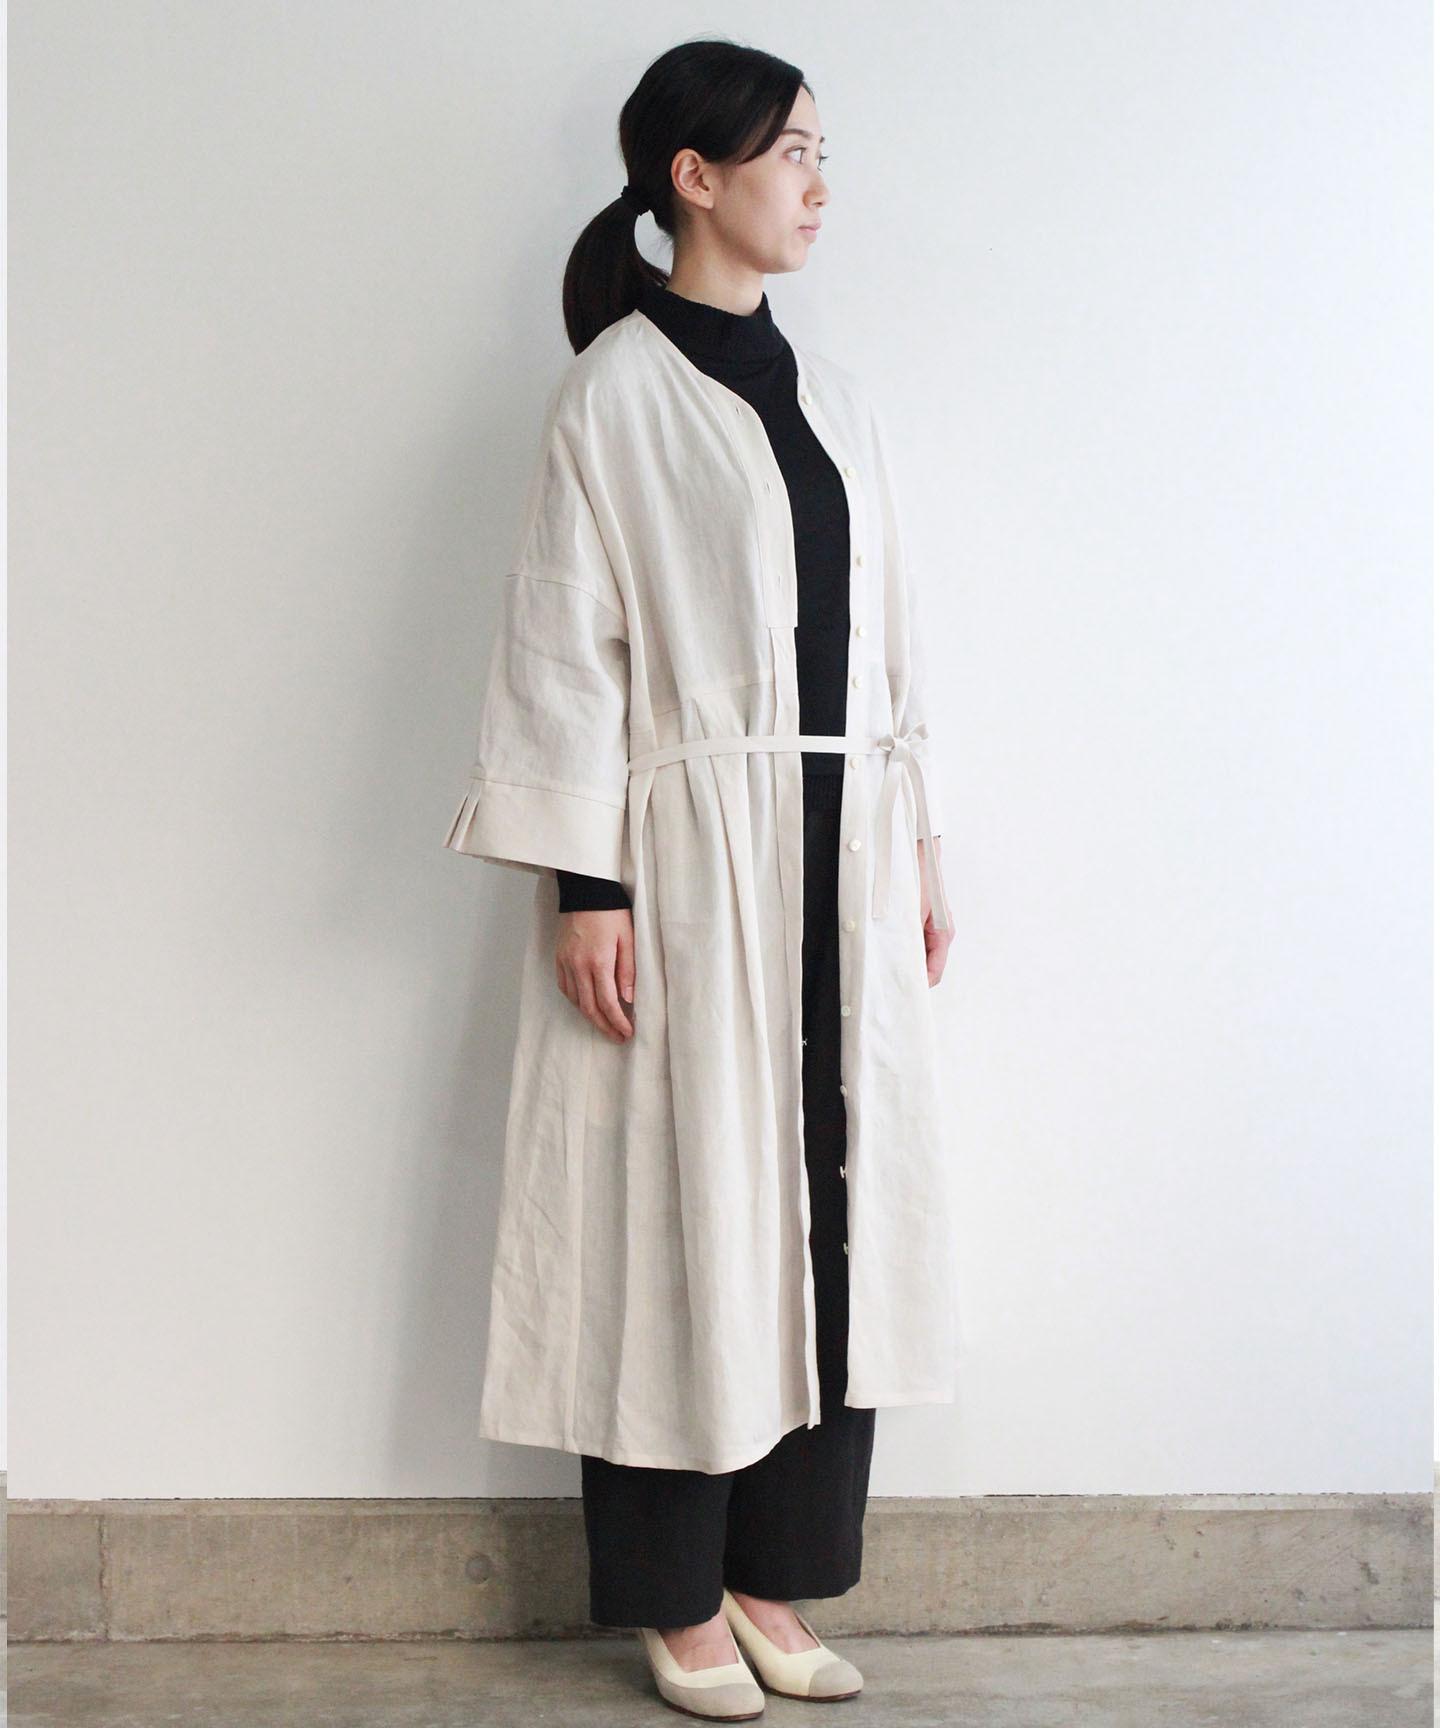 【予約商品】リネンタックカフスワンピースドレス(evi603 WHT・ホワイト)